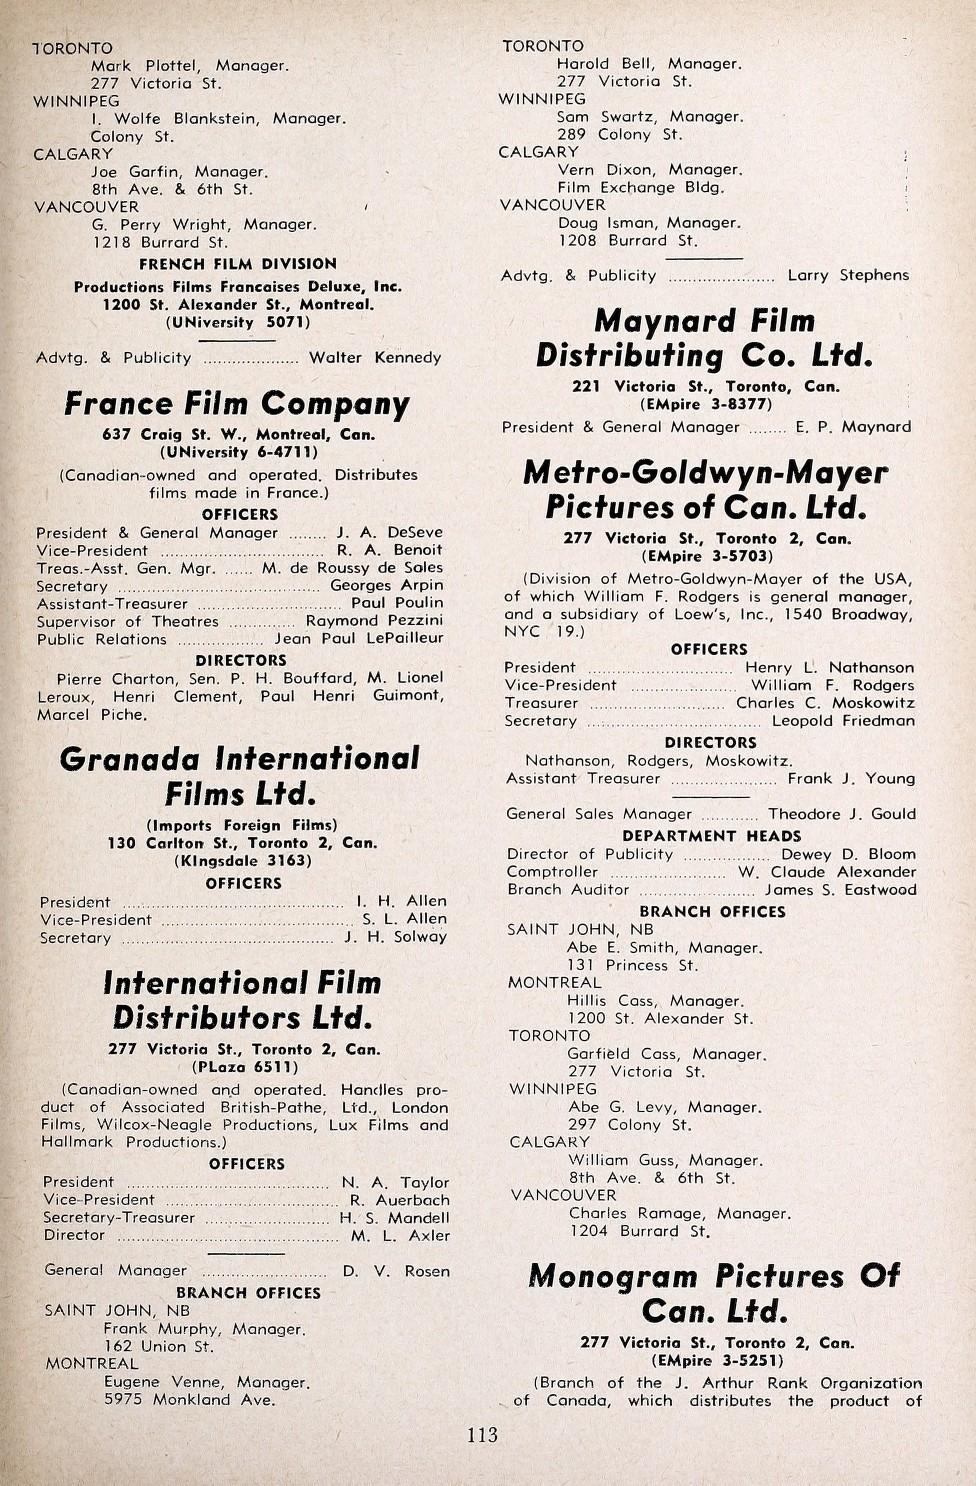 1951yearbookcana00film_jp2.zip&file=1951yearbookcana00film_jp2%2f1951yearbookcana00film_0115